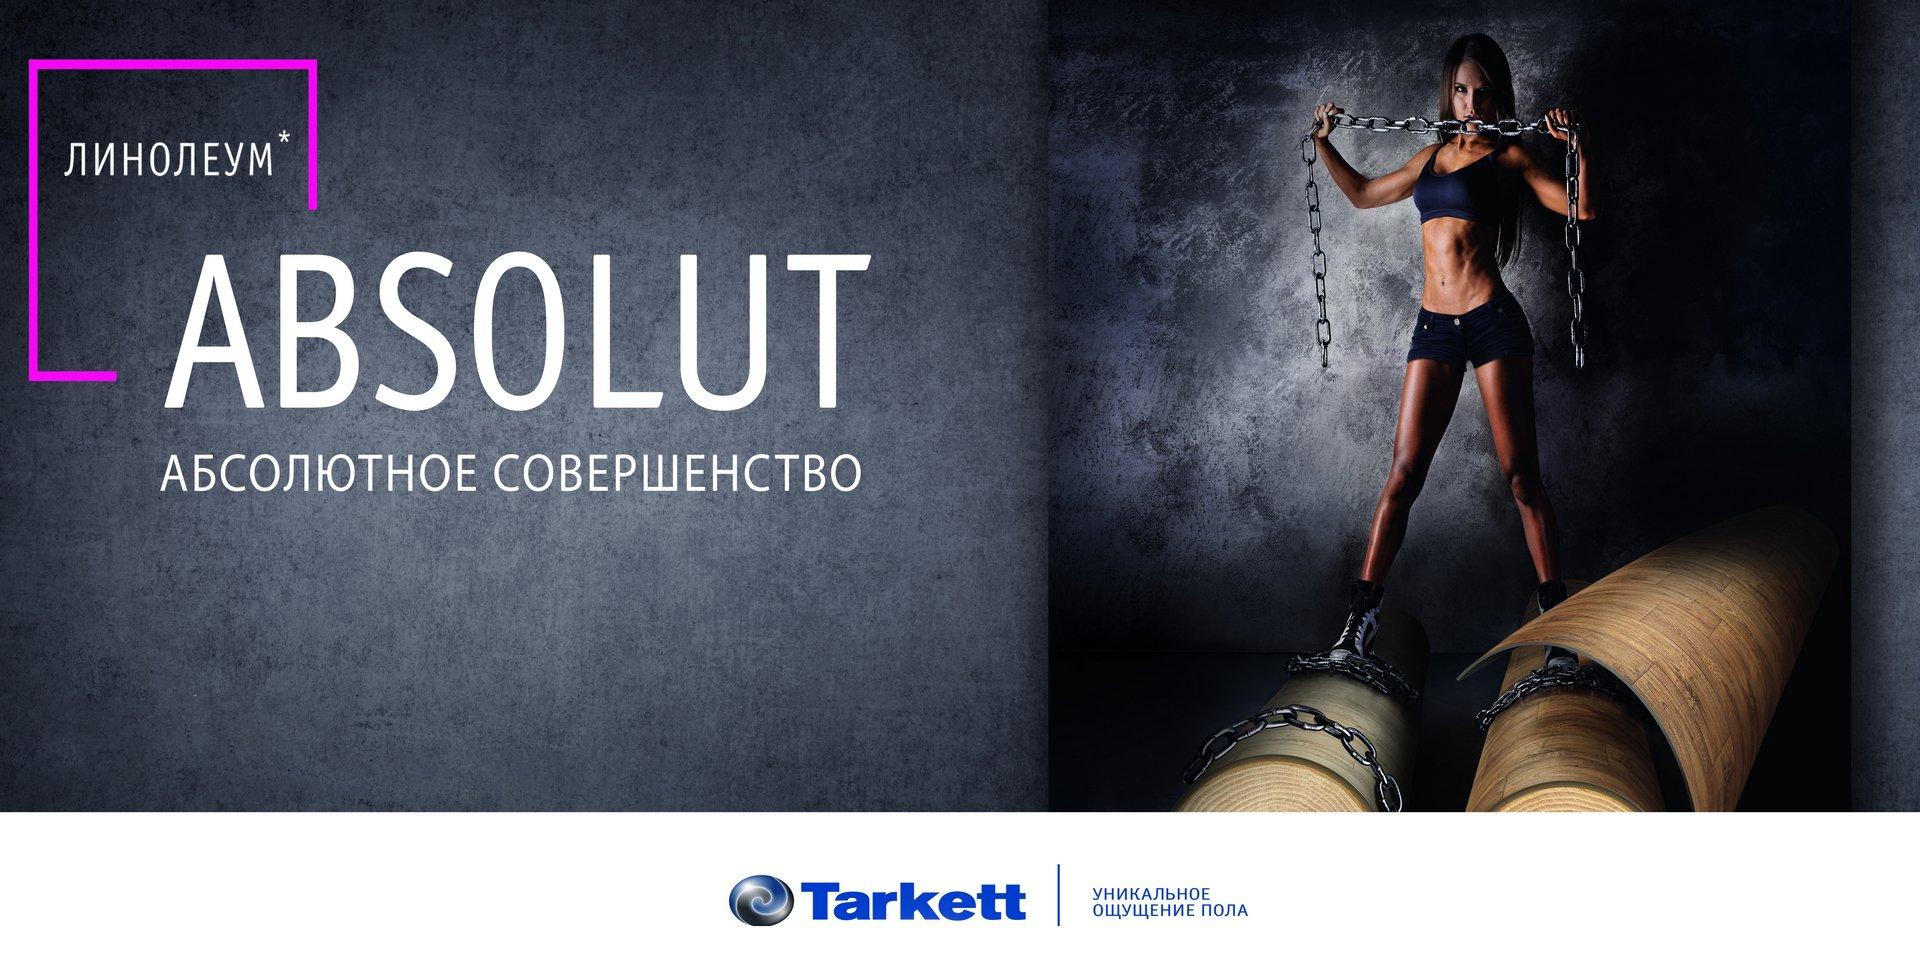 Купить линолеум Tarkett Absolut в Майкопе по низким ценам